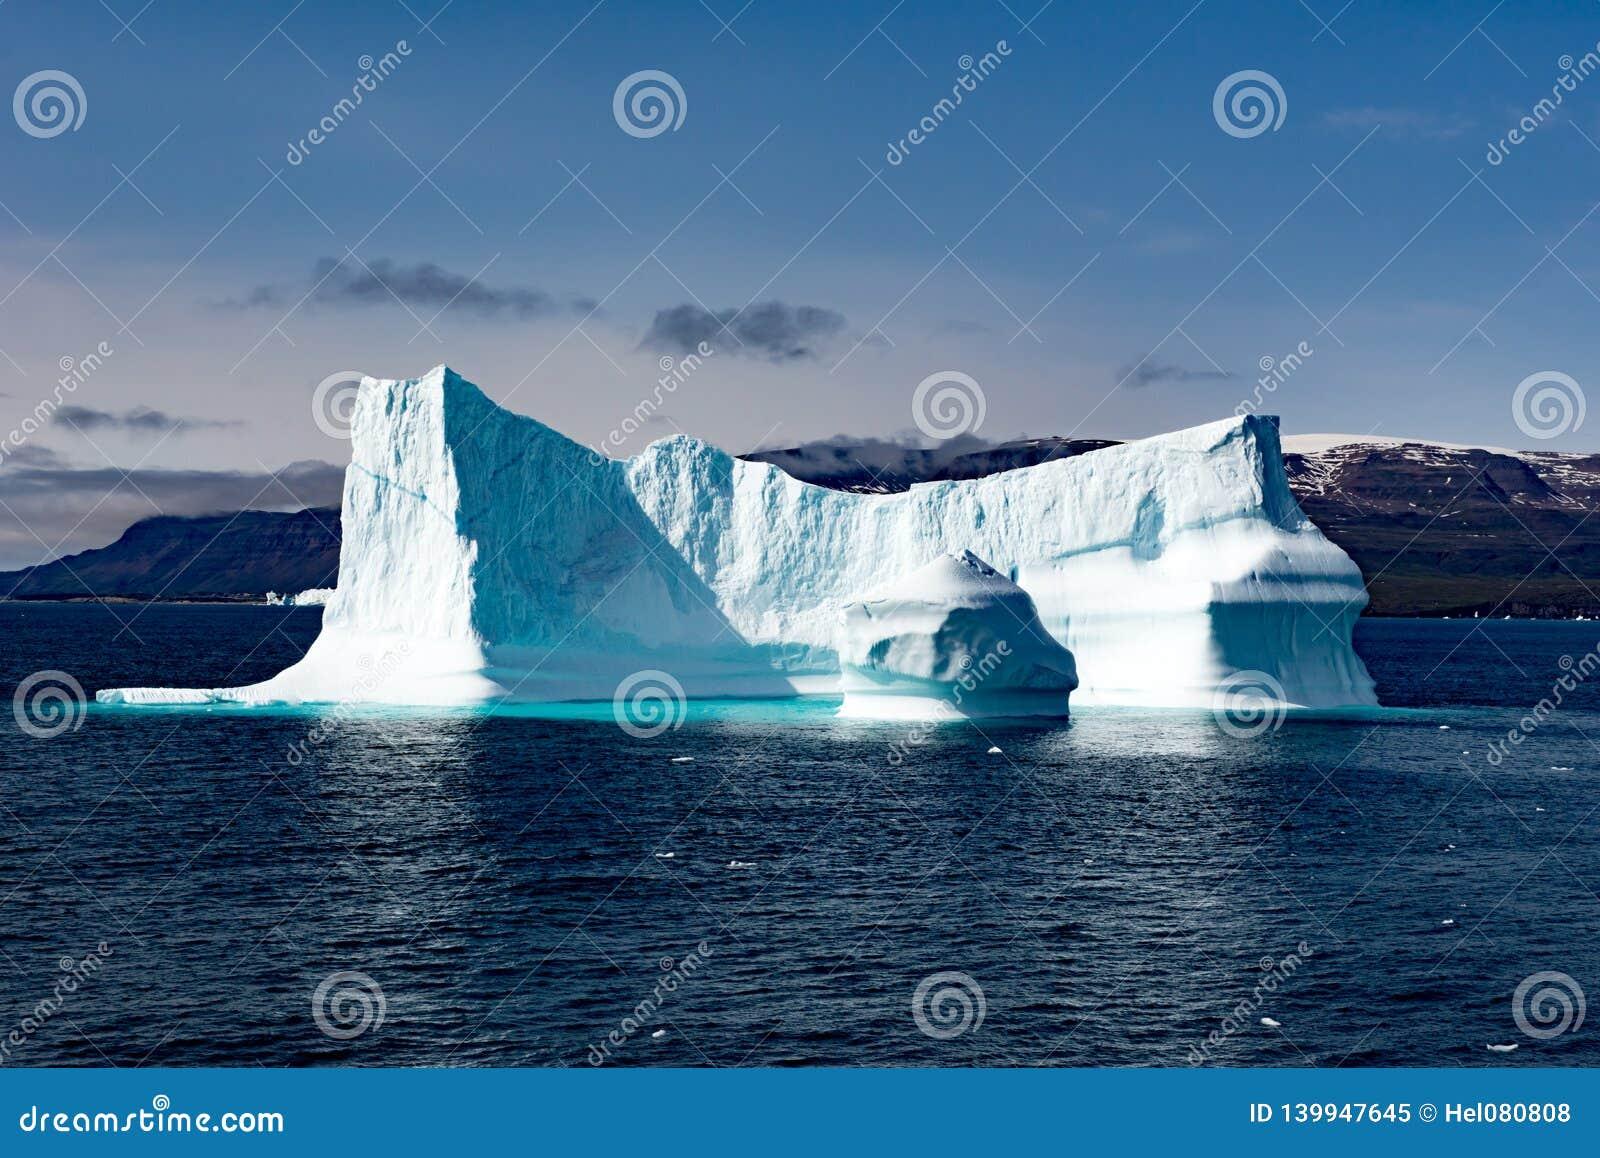 Ijsbergen voor Kust met sneeuw behandelde Bergen, Groenland De reusachtige Ijsbergbouw met toren